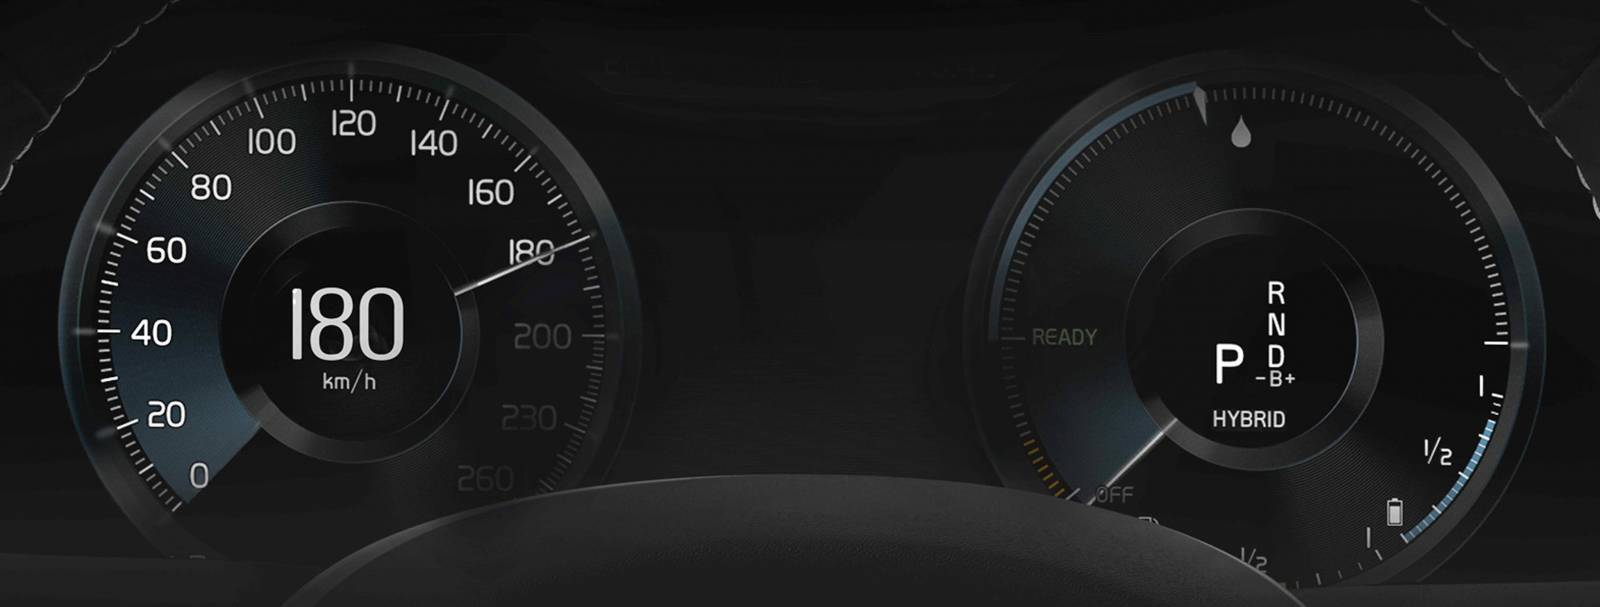 Bezbečně s rychlostí 180 km/h